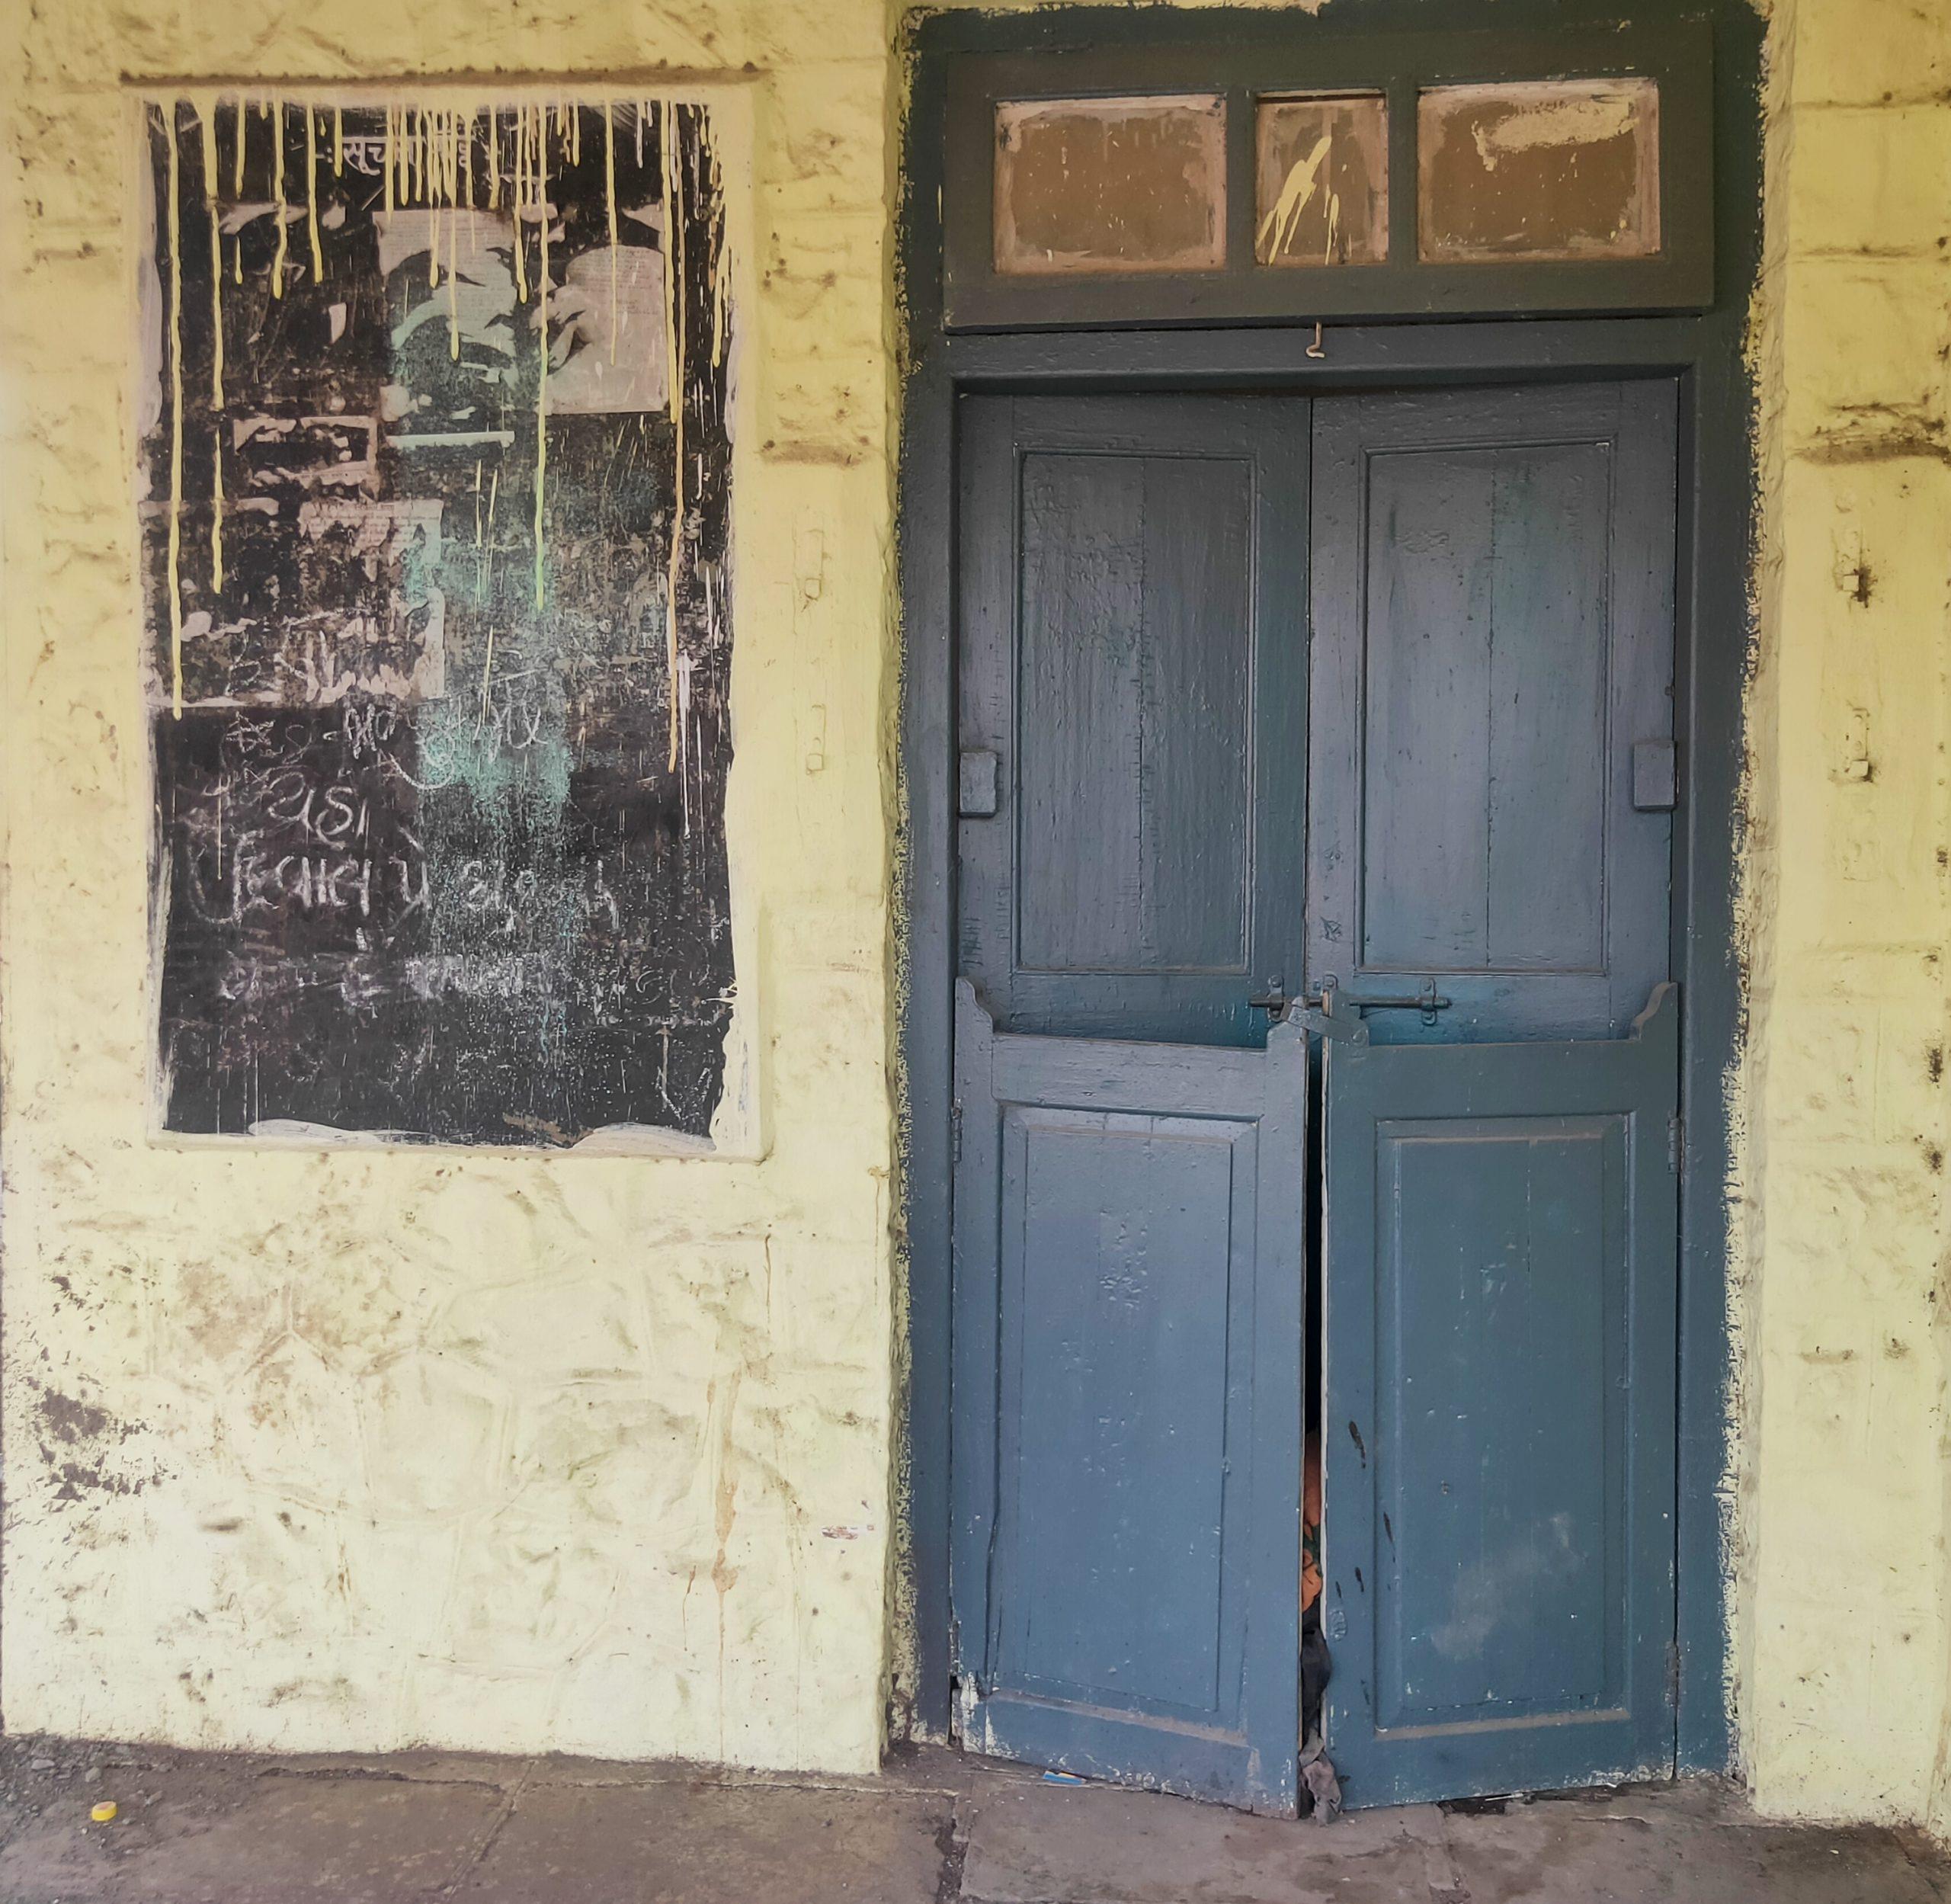 Door of an old railway station